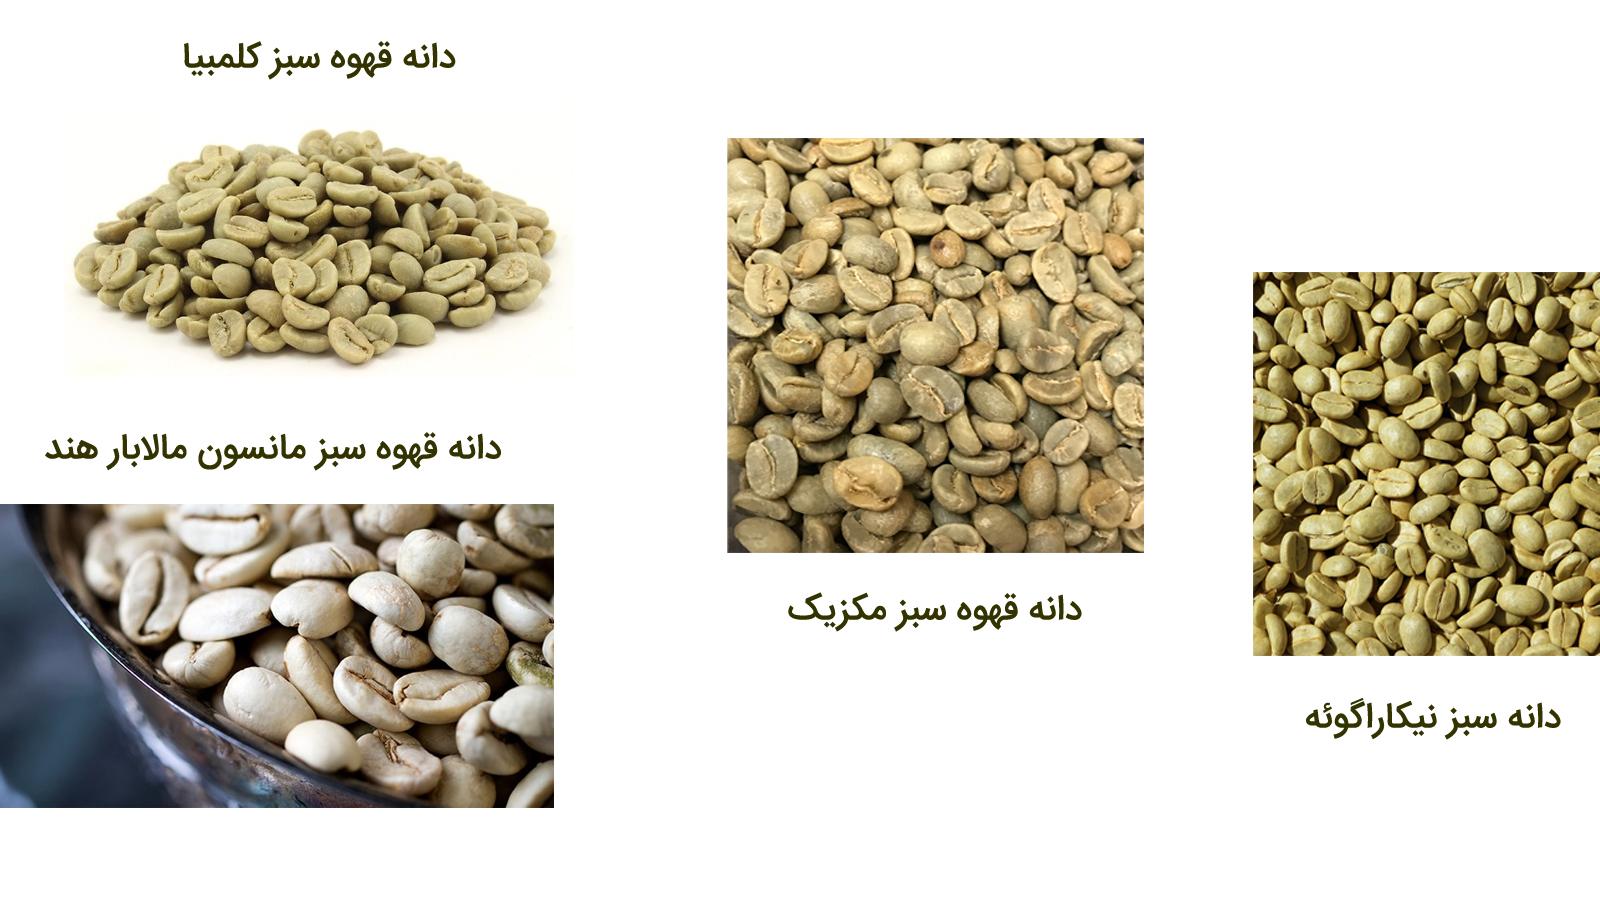 خرید انواع قهوه